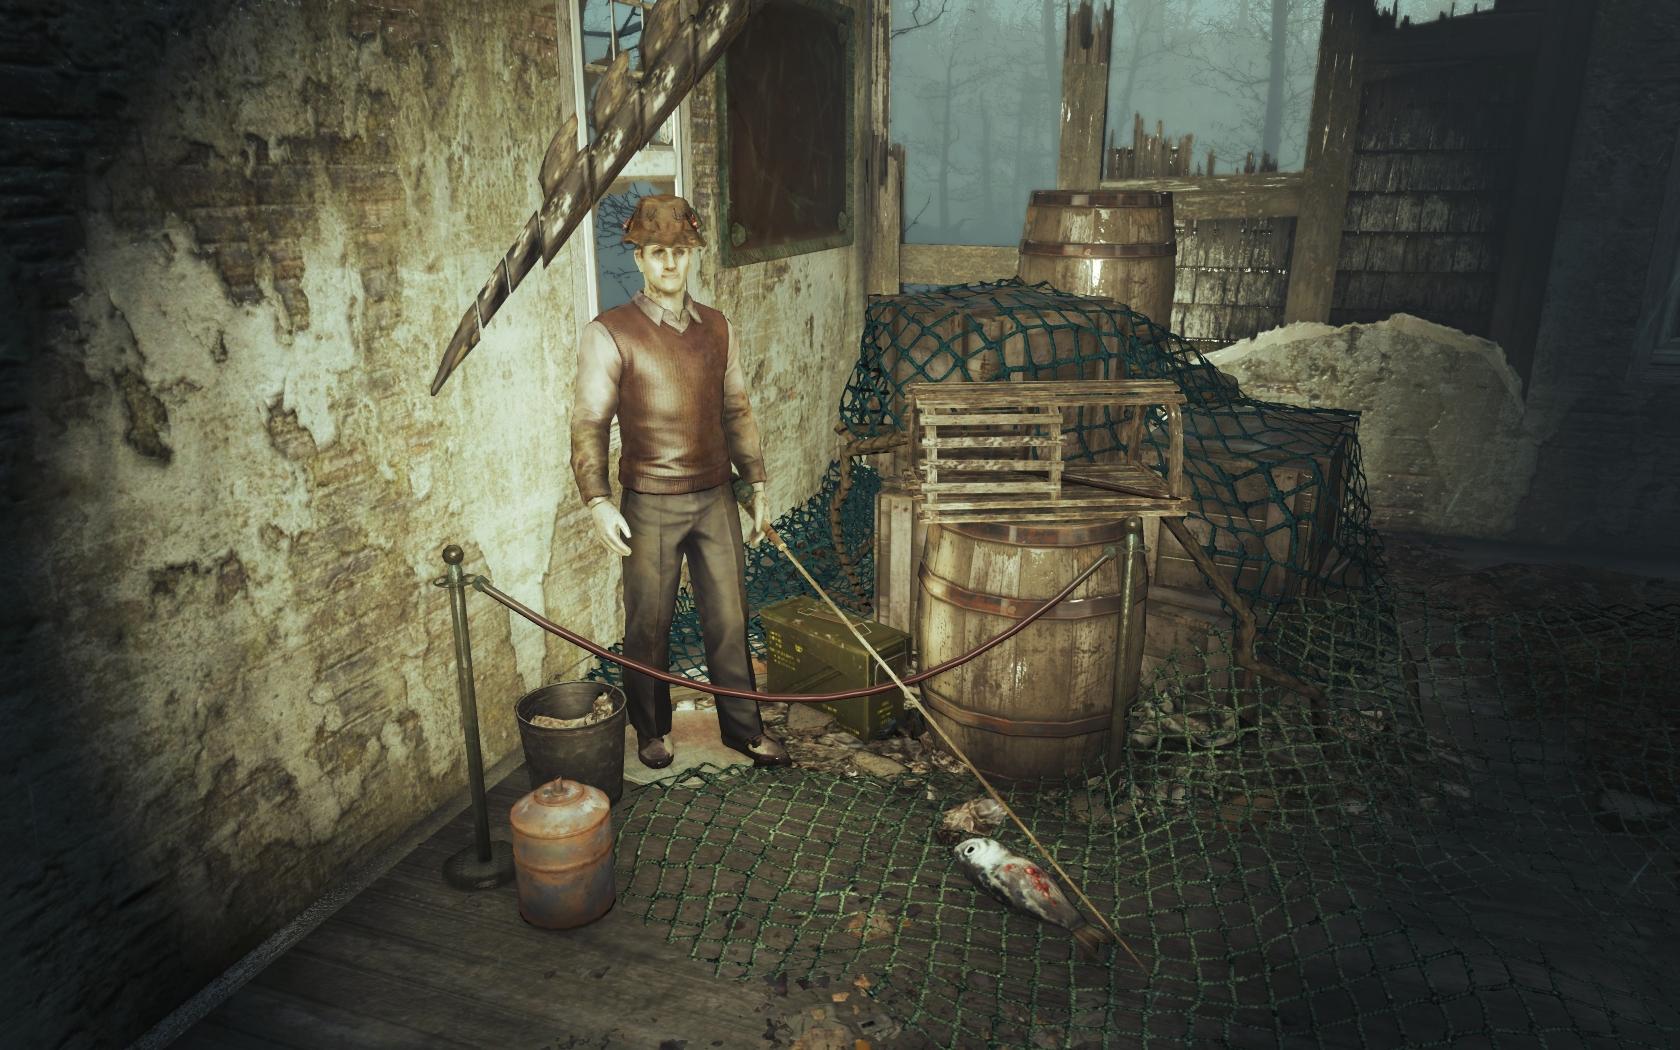 Рыбак (Фар-Харбор, окрестности Океанариума) - Fallout 4 манекен, Океанариум